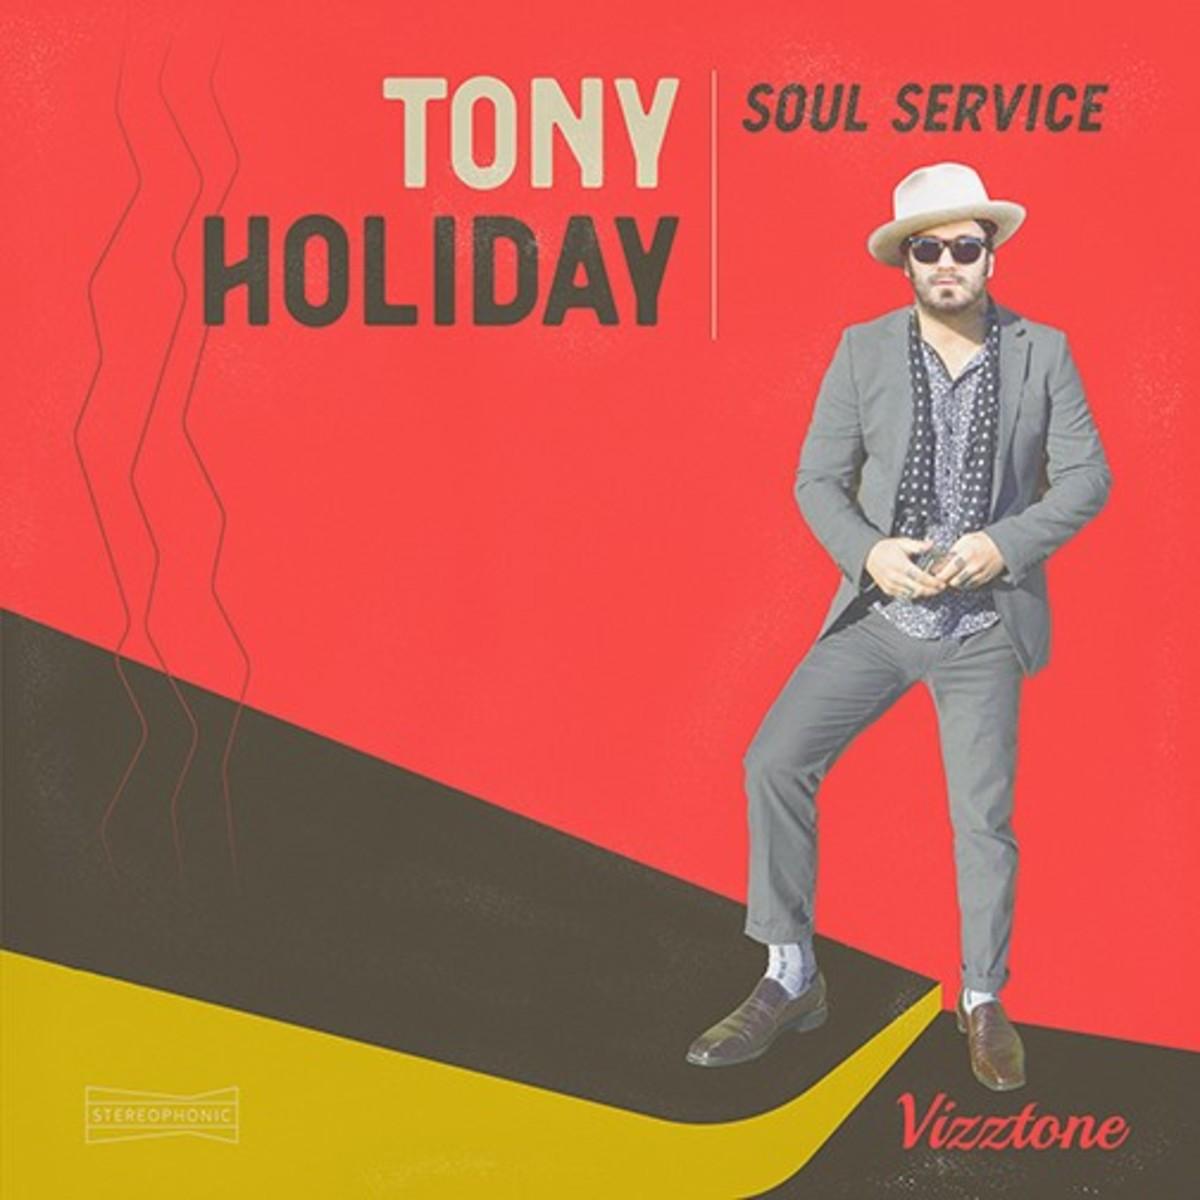 Tony Holiday